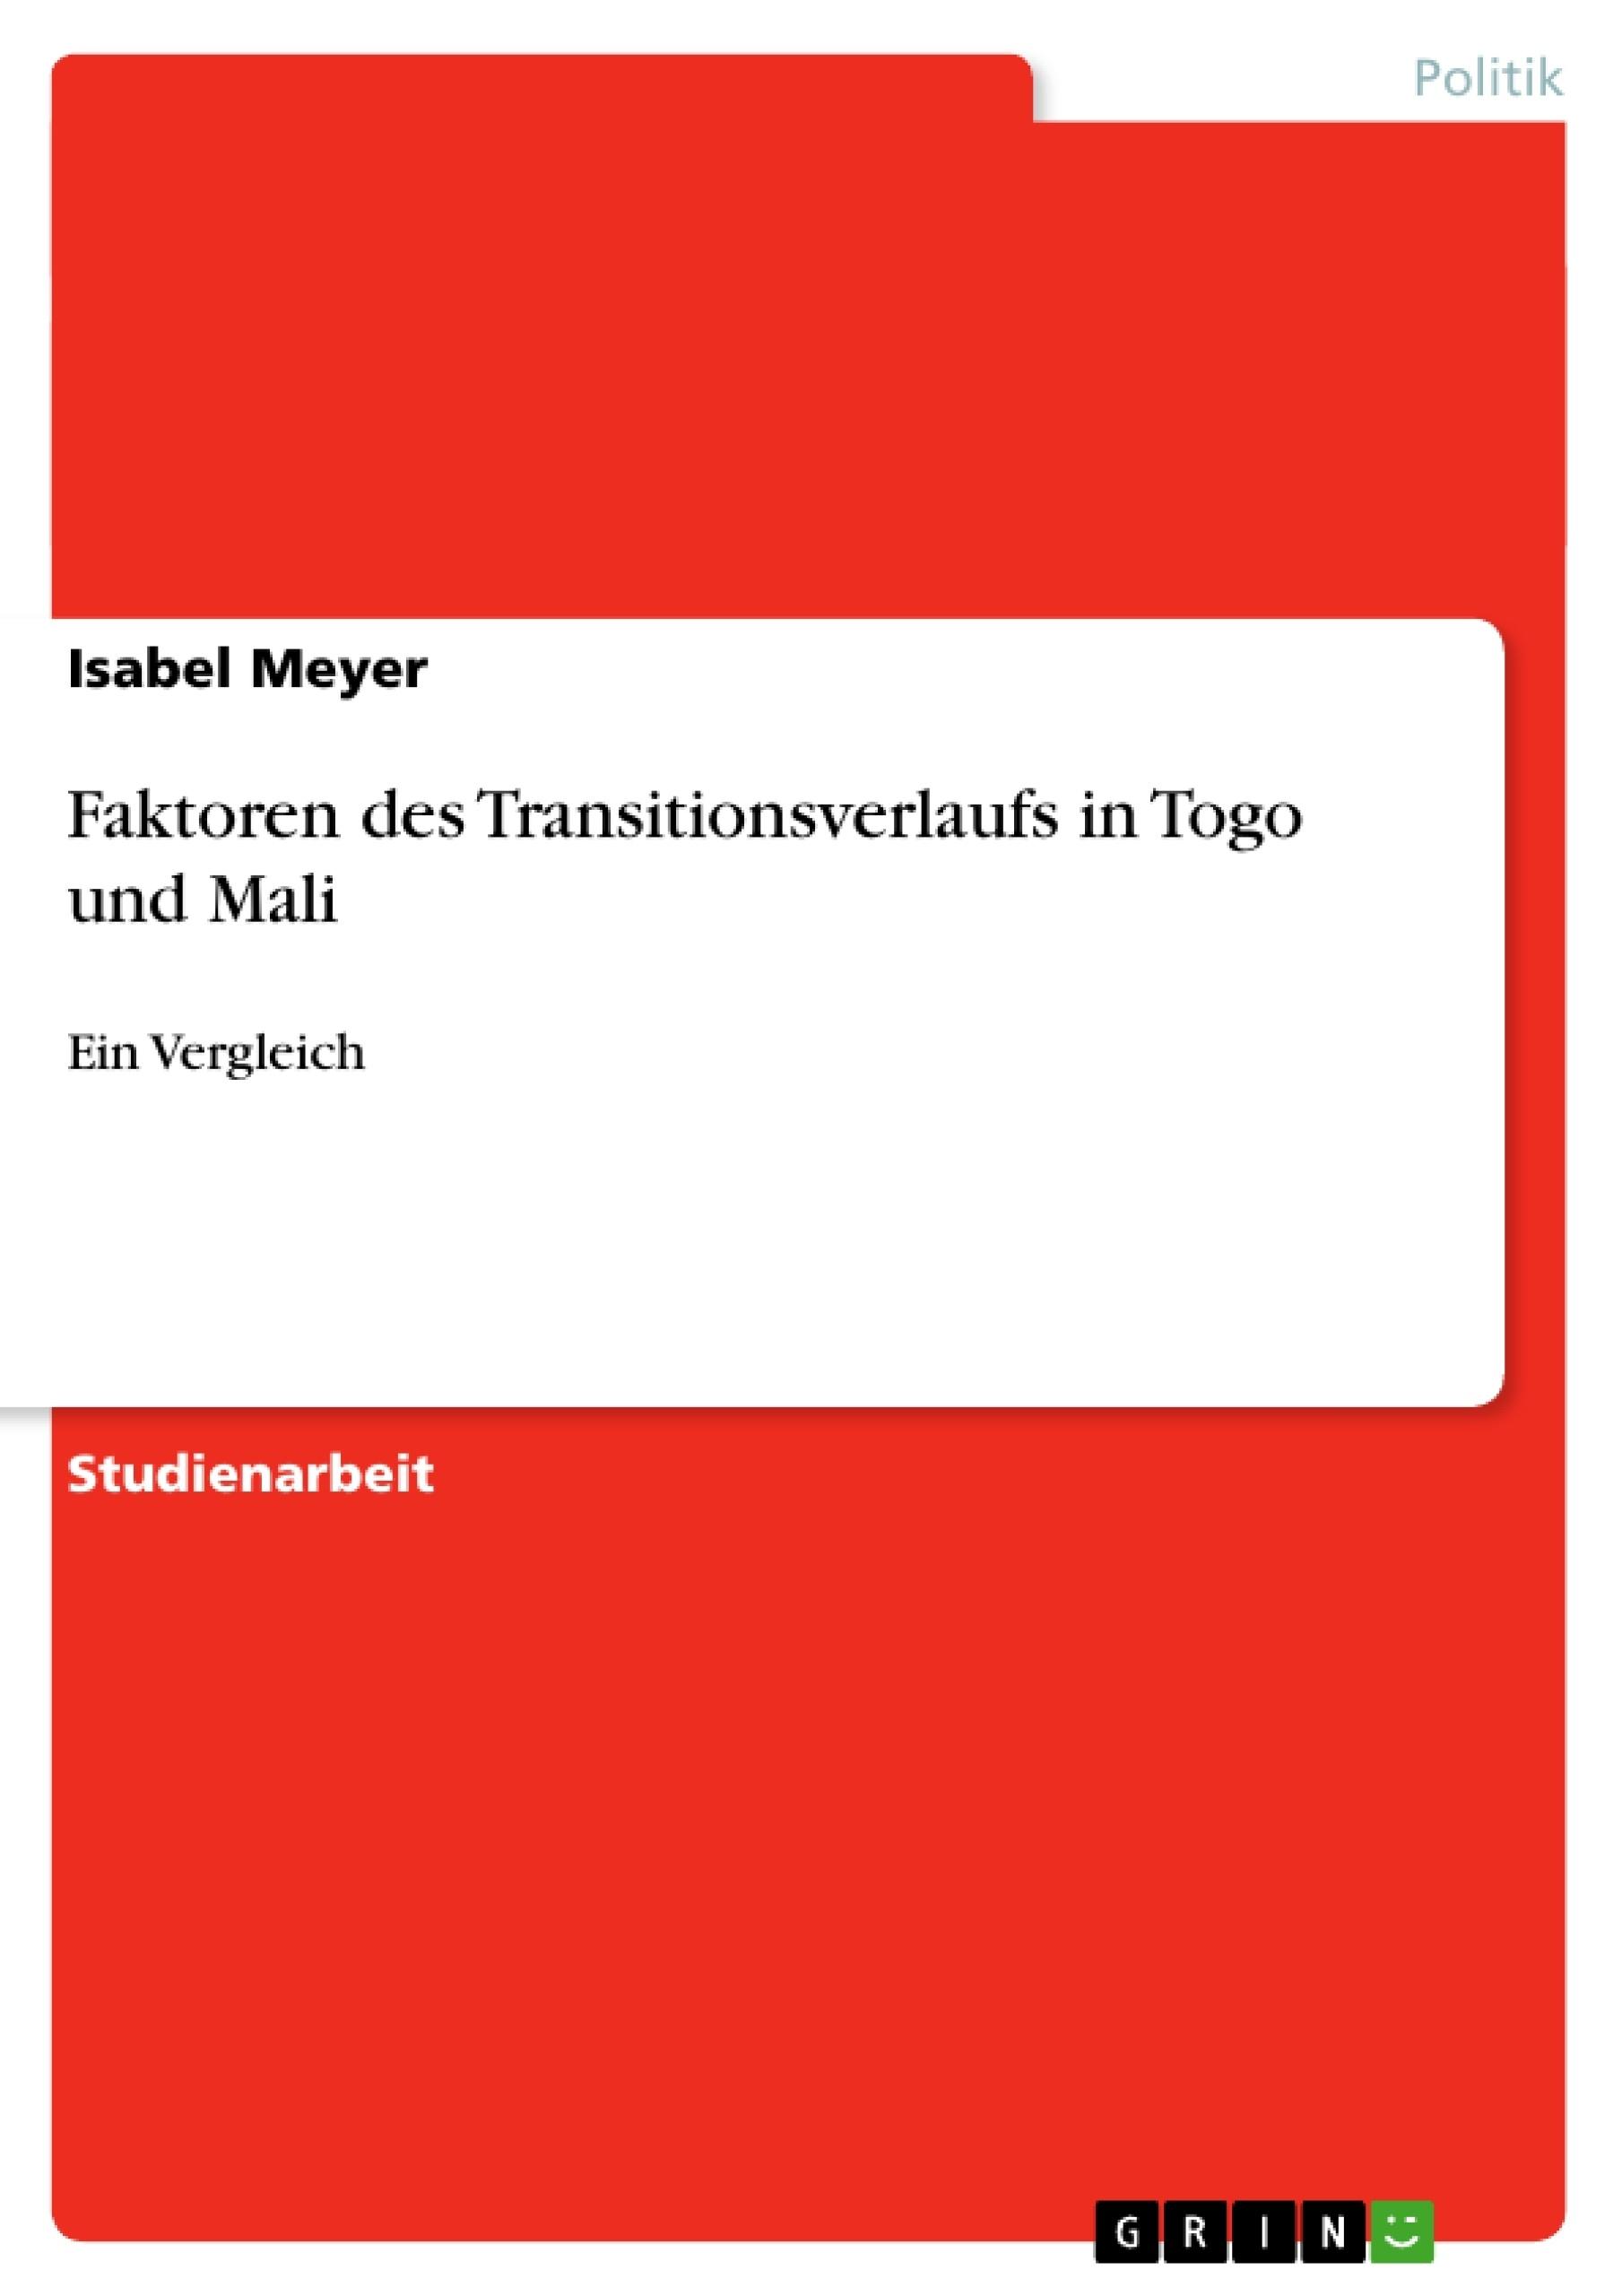 Titel: Faktoren des Transitionsverlaufs in Togo und Mali